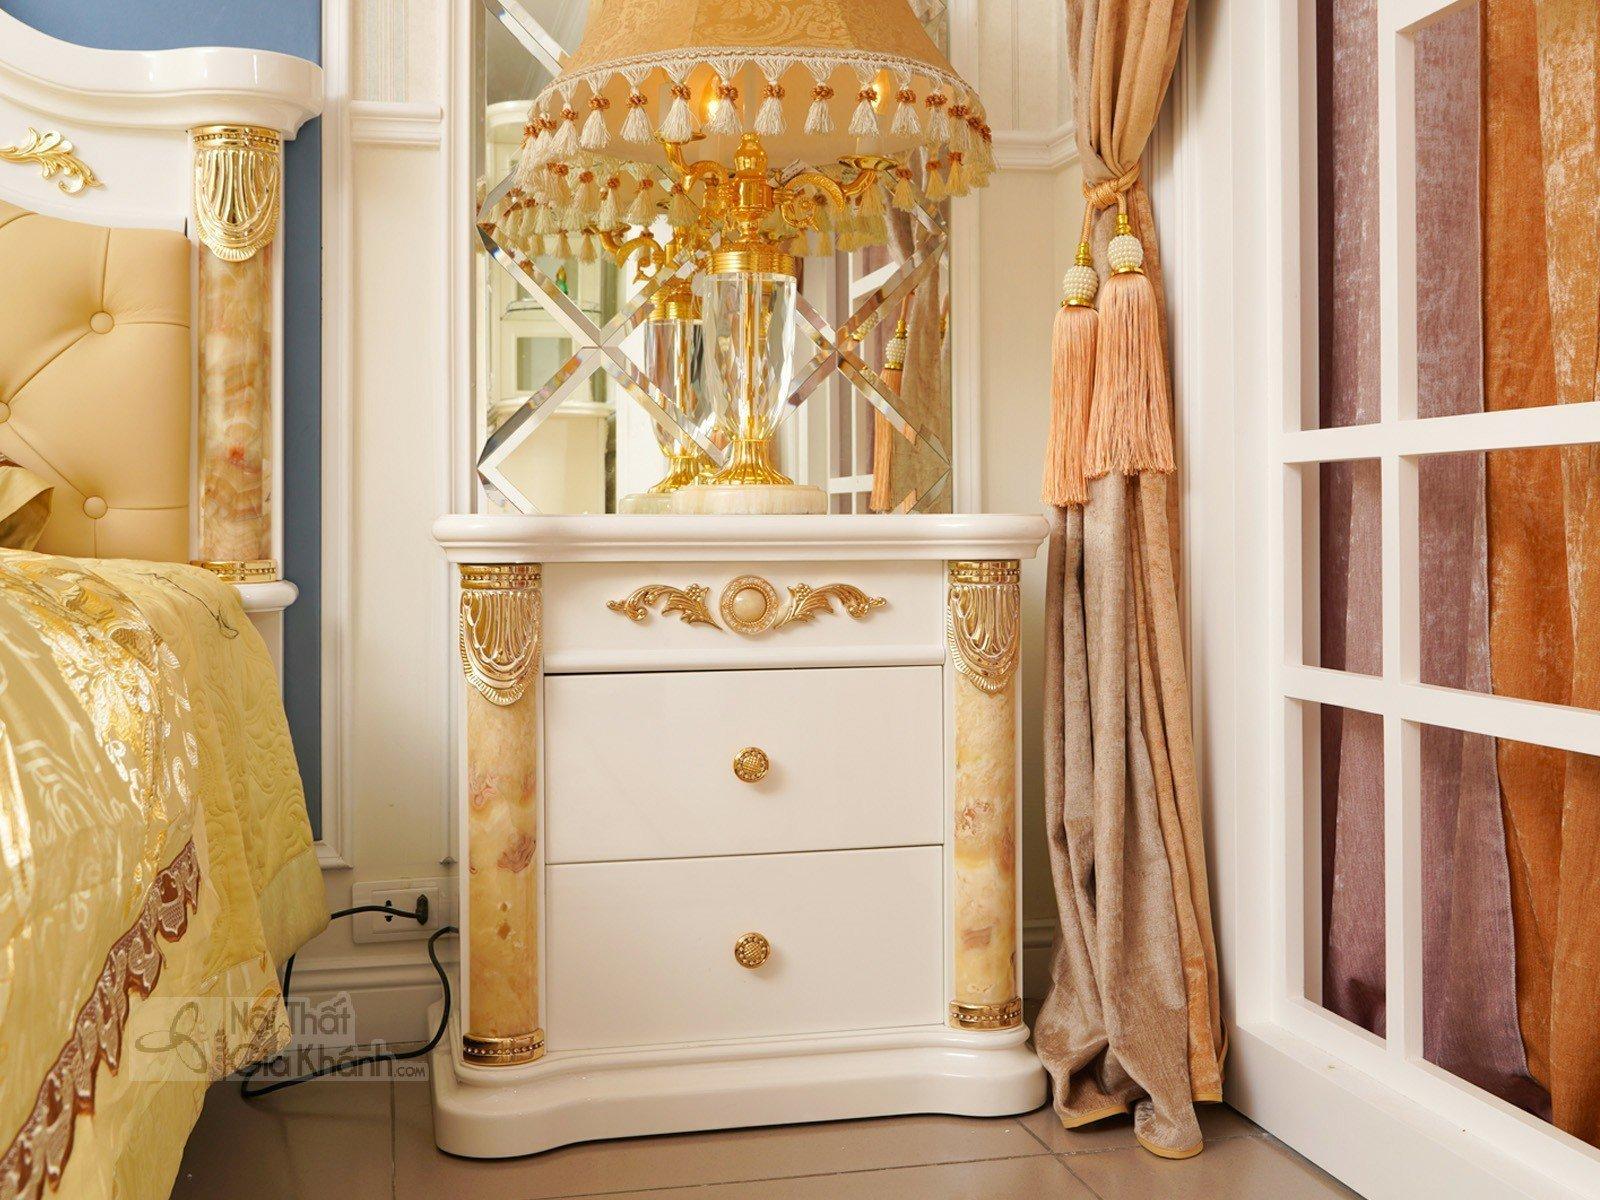 tap dau giuong tan co dien 3028B 630x450x610 - Tủ đầu giường gỗ cao cấp phong cách hoàng gia TA3028